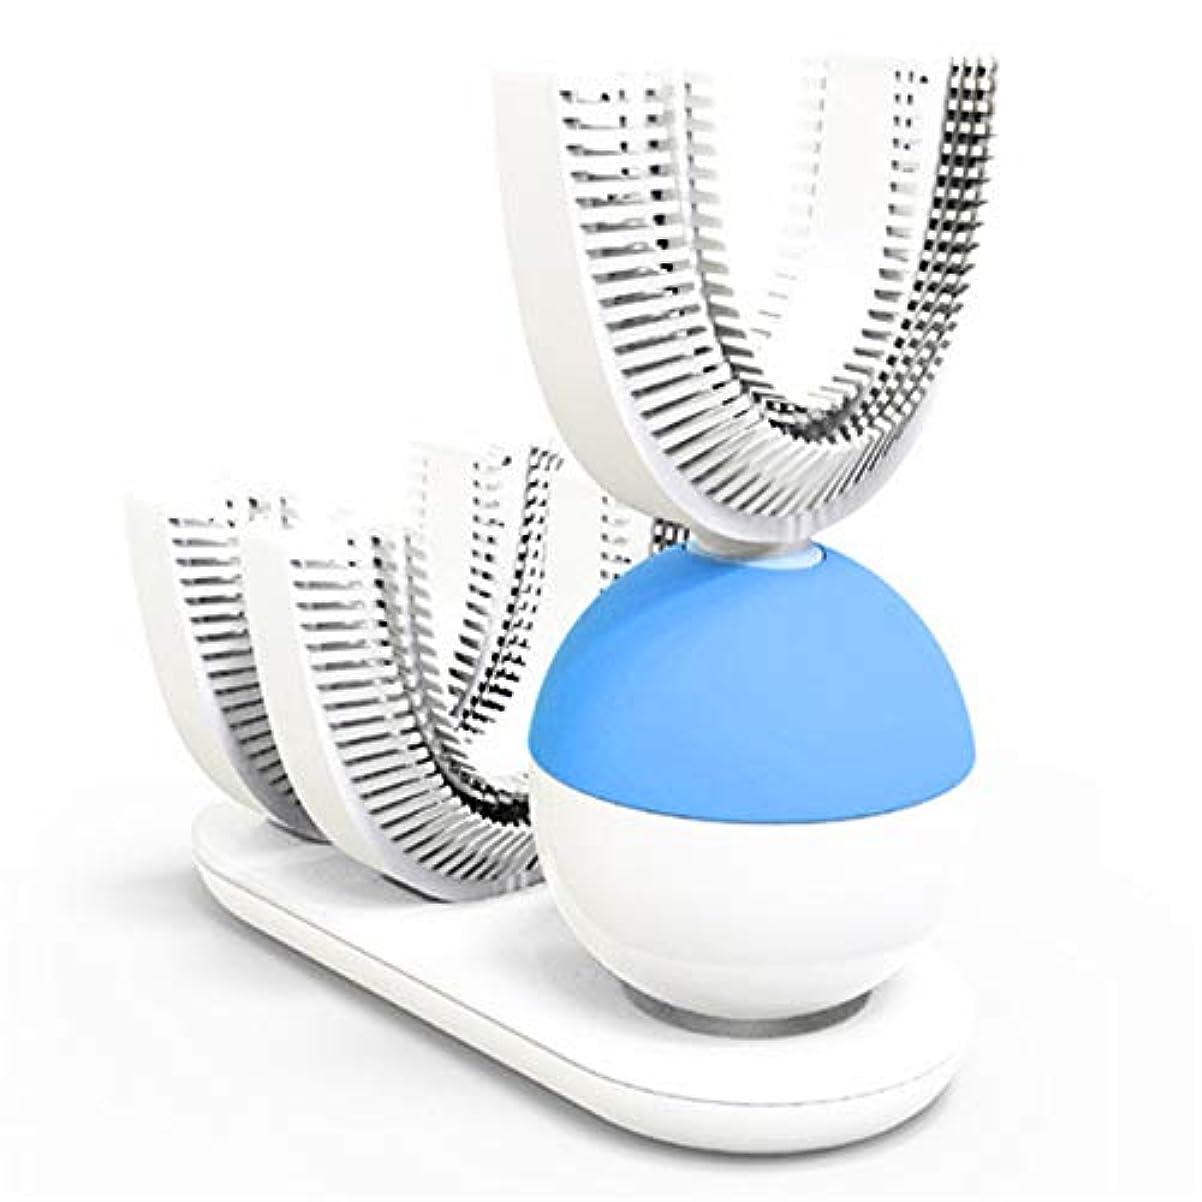 不承認消費するスリット電動歯ブラシ 自動歯ブラシ U型 360°全方位 超音波 怠け者歯ブラシ ワイヤレス充電 口腔洗浄器 歯ブラシヘッド付き